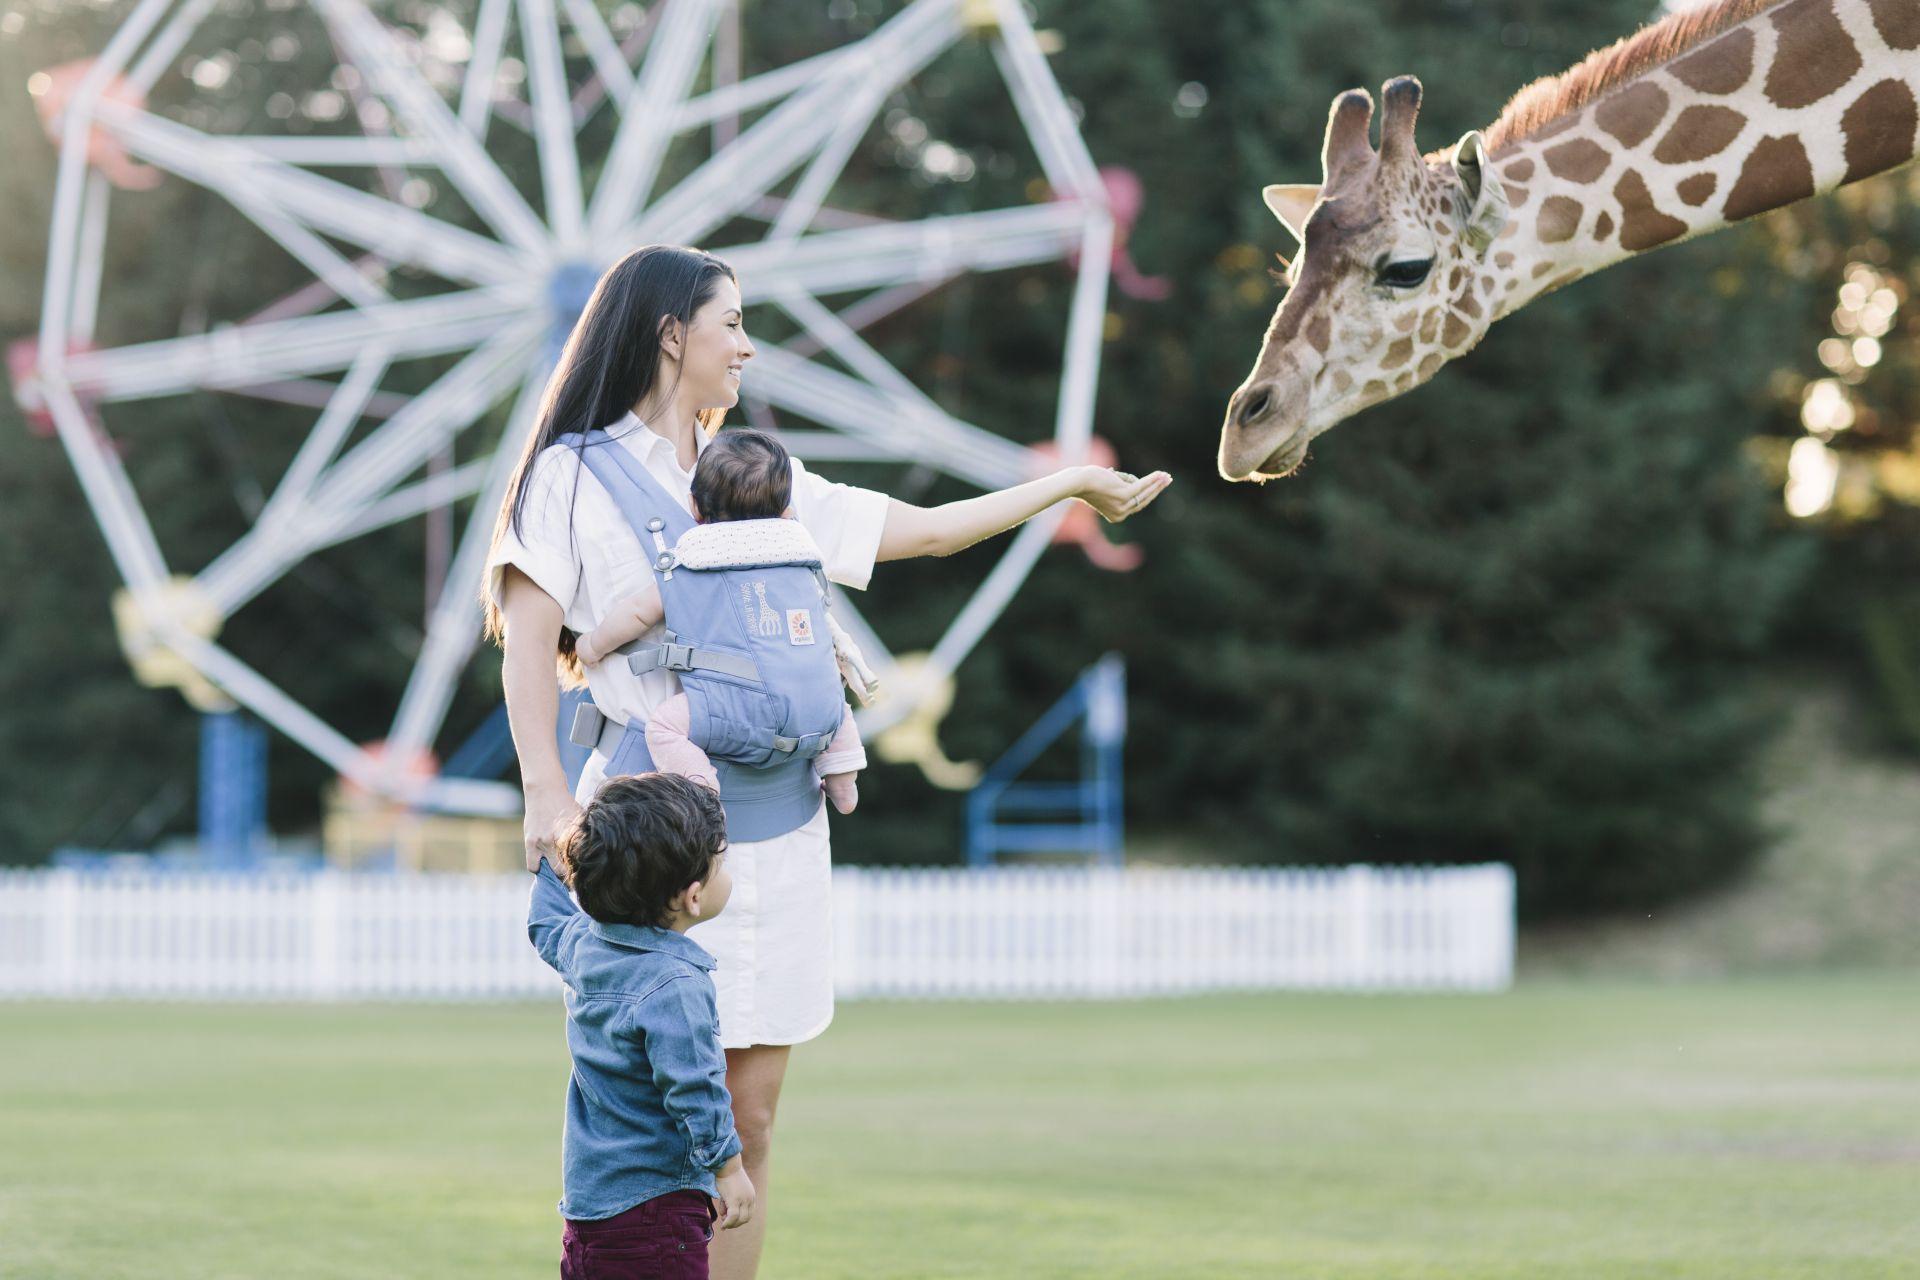 ergobaby baby carrier adapt sophie la girafe festival buy at kidsroom on tour. Black Bedroom Furniture Sets. Home Design Ideas